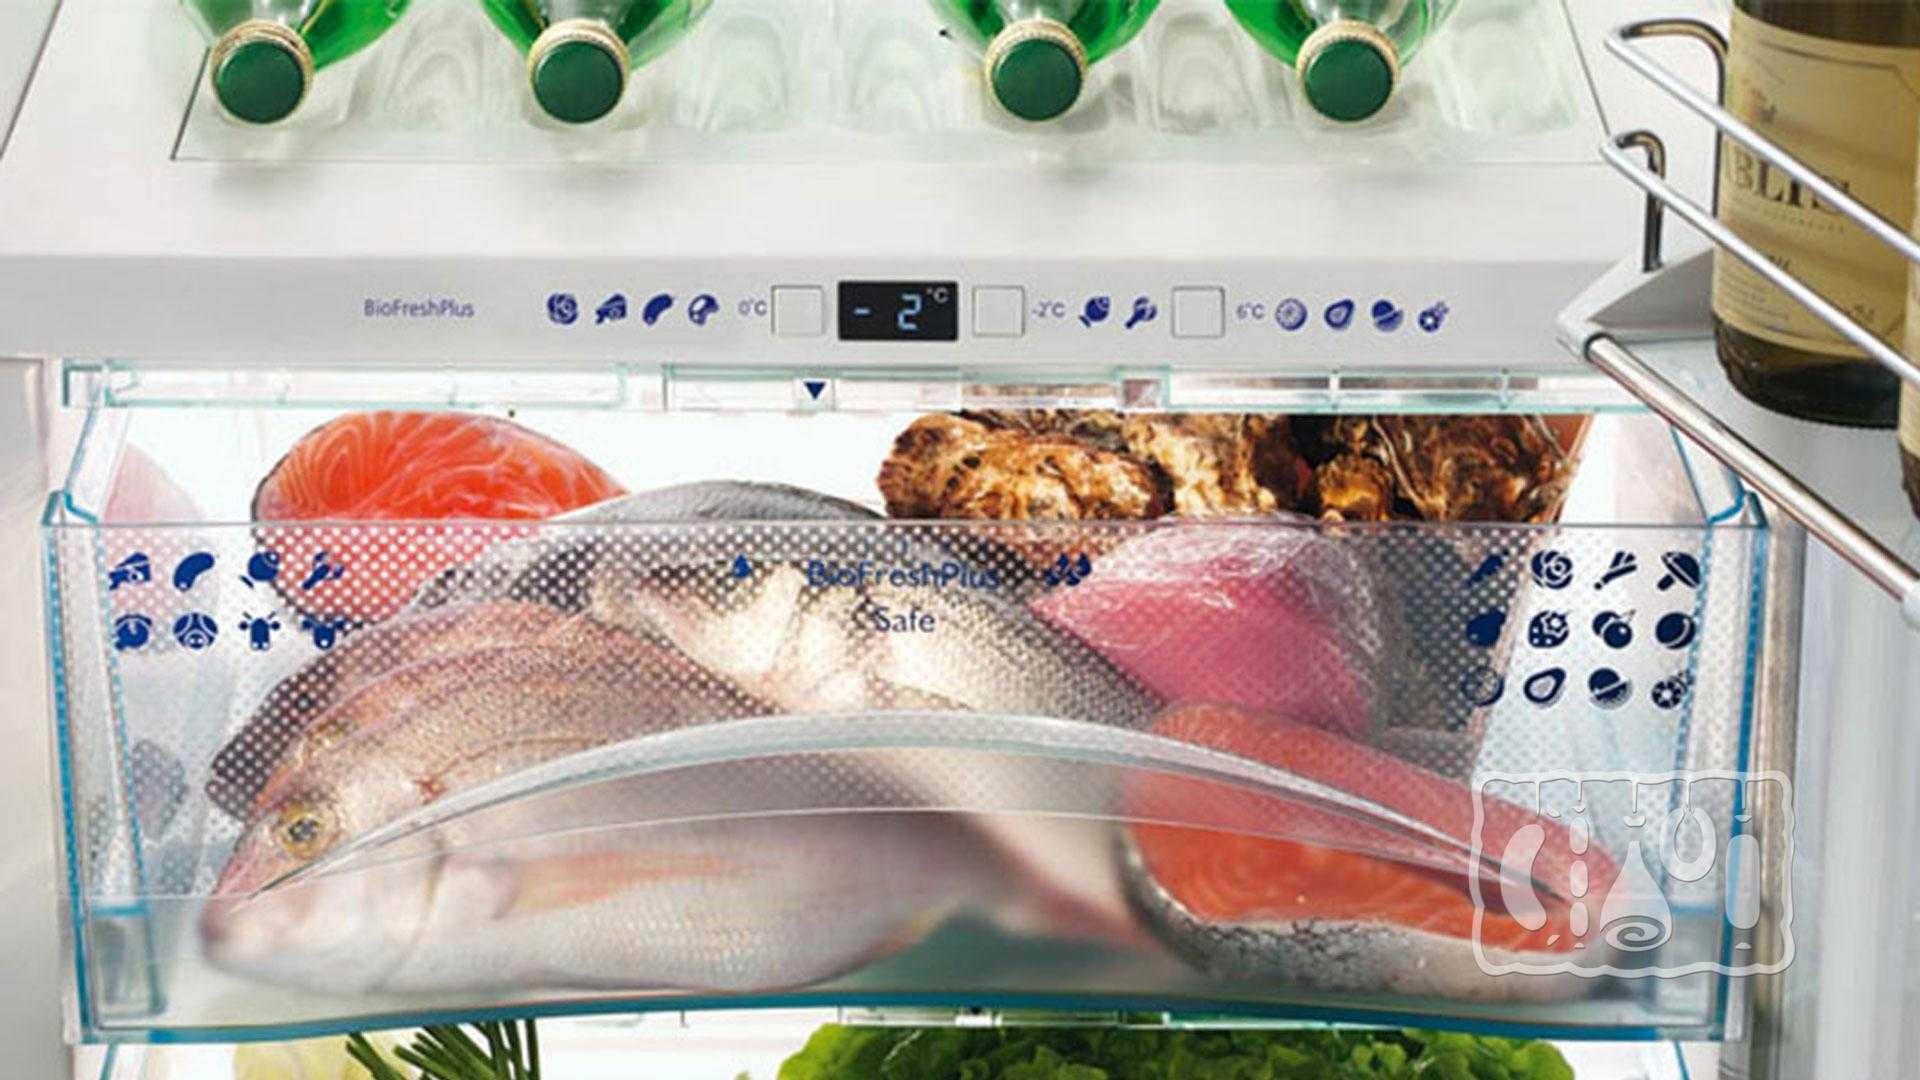 Форель холодного копчения: состав, калорийность, польза и вред. Выбор и подготовка рыбы, процесс обработки, правила хранения, отзывы.